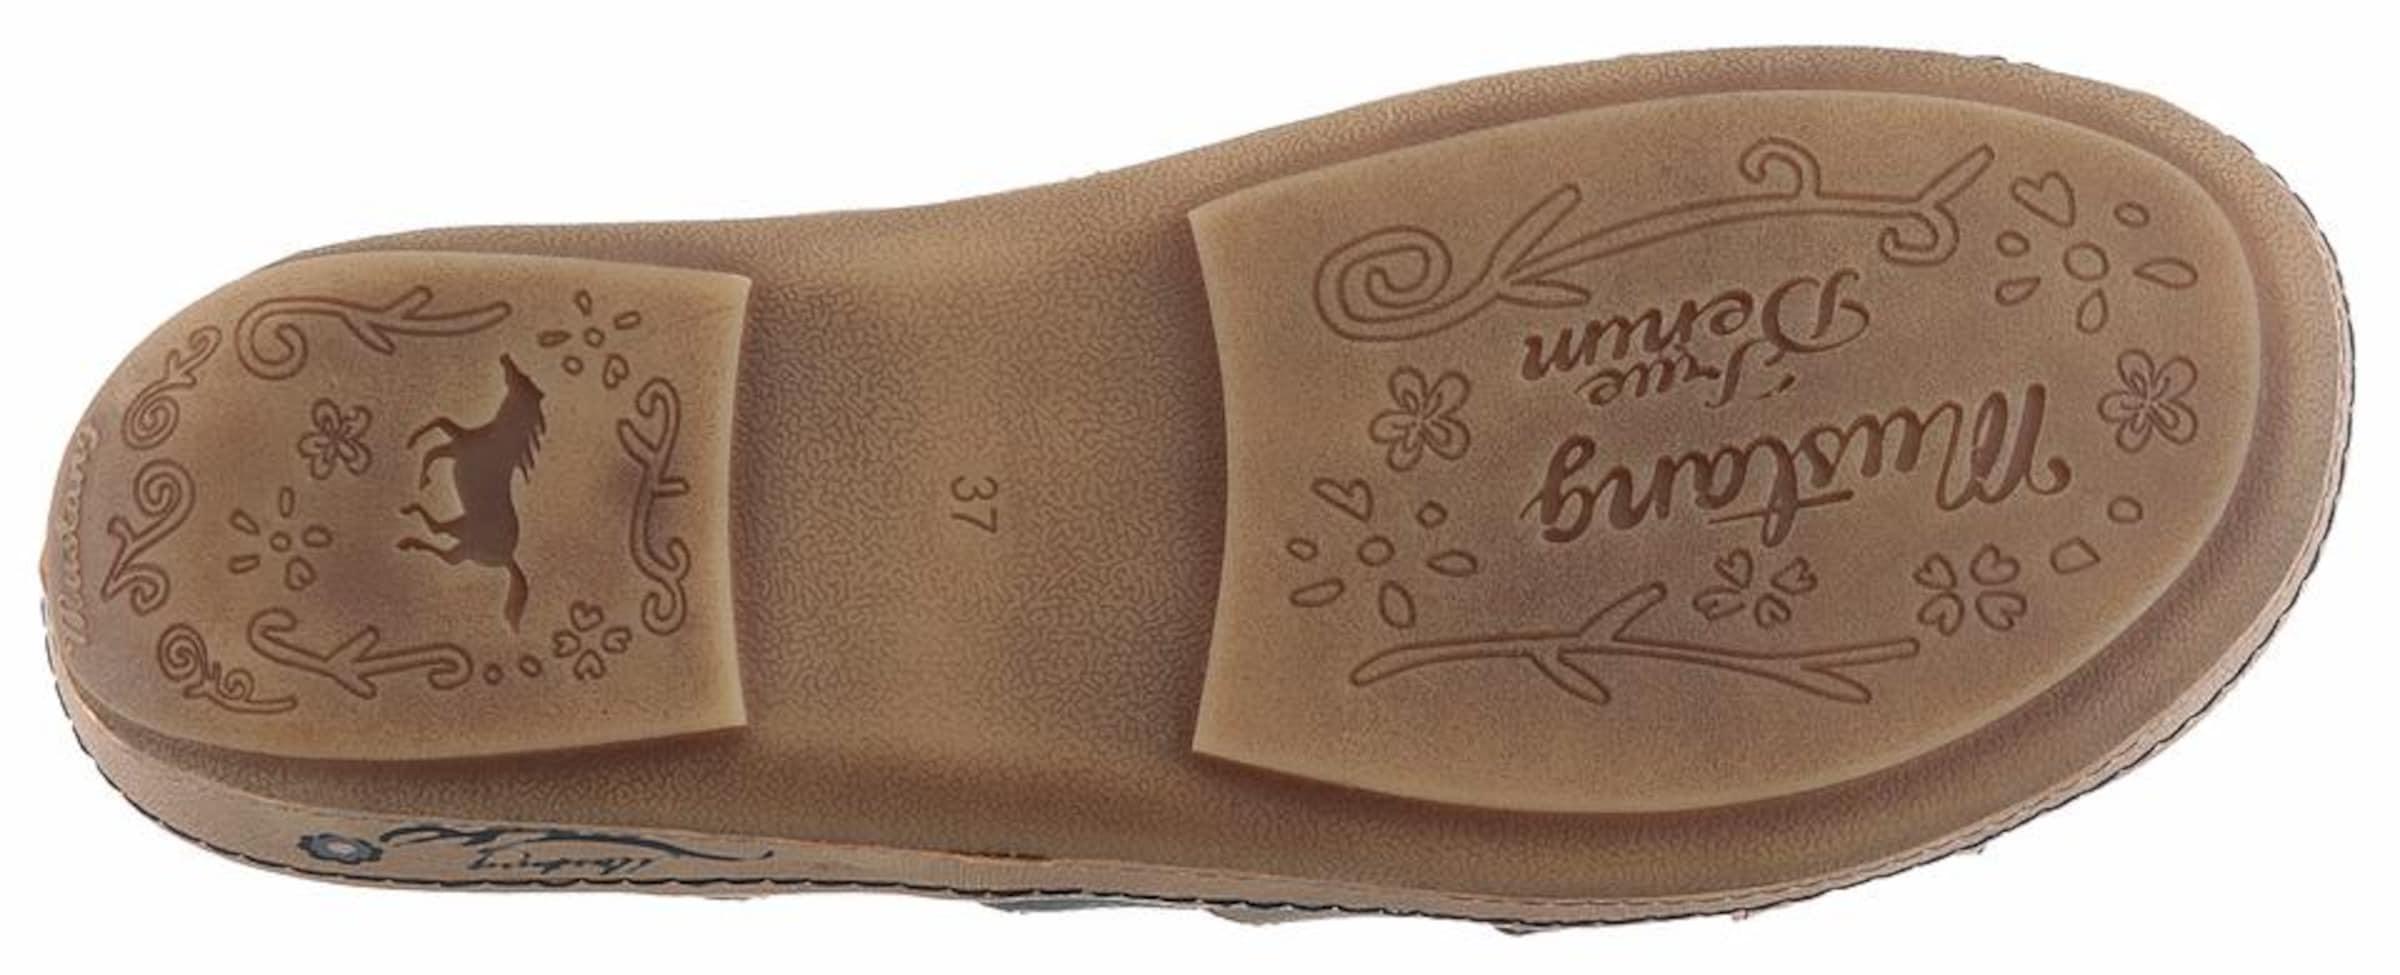 Vorbestellung Günstiger Preis Kaufladen MUSTANG Pantolette Limitierter Auflage Zum Verkauf B30ws